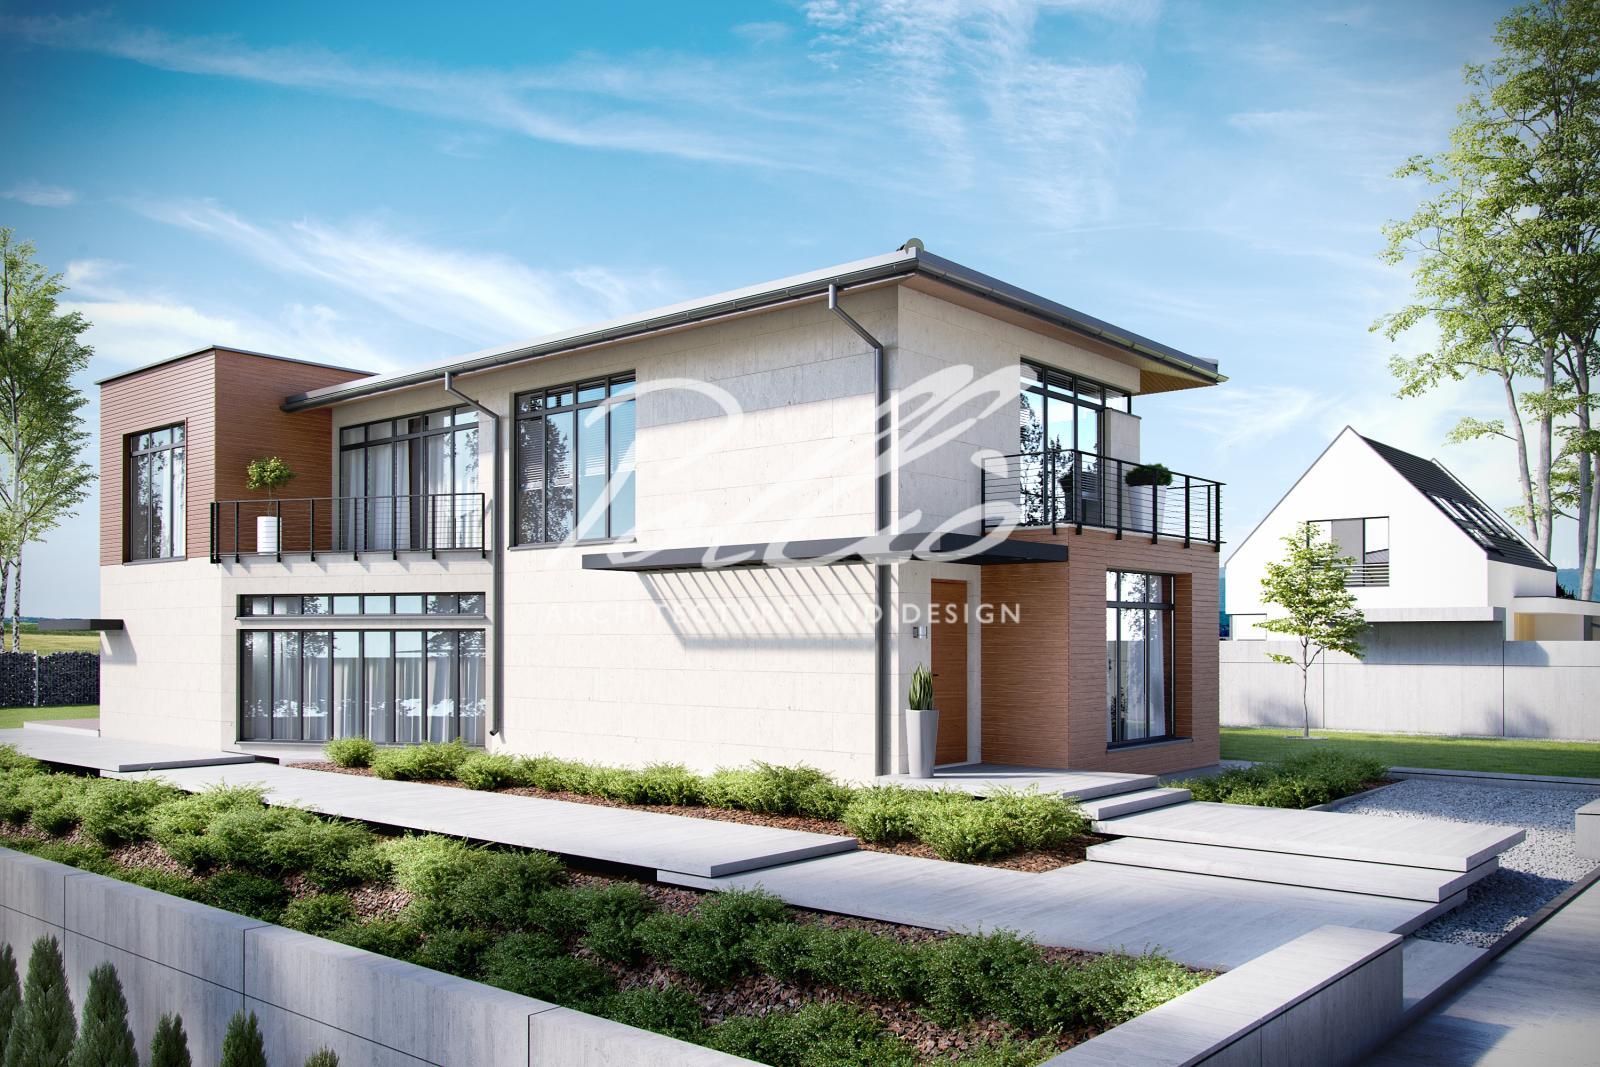 X11 Захватывающий проект дома для узкого участка фото 2